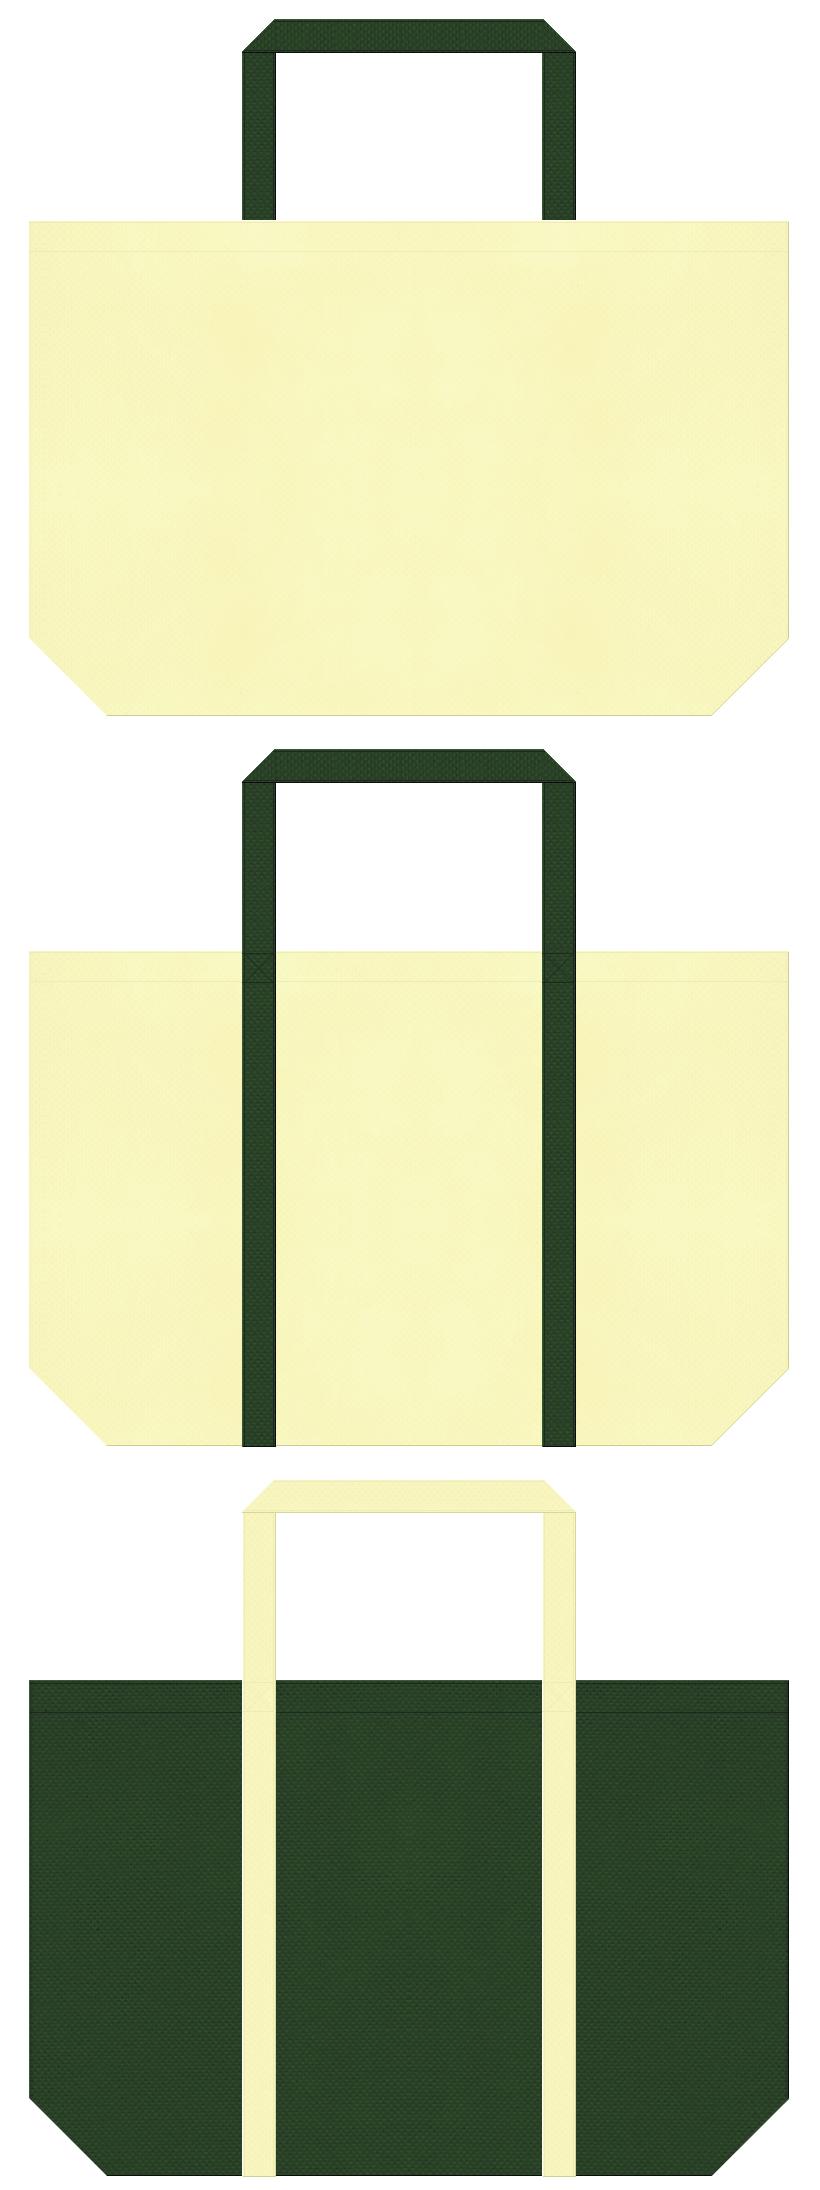 薄黄色と濃緑色の不織布マイバッグデザイン。和風柄にお奨めの配色です。